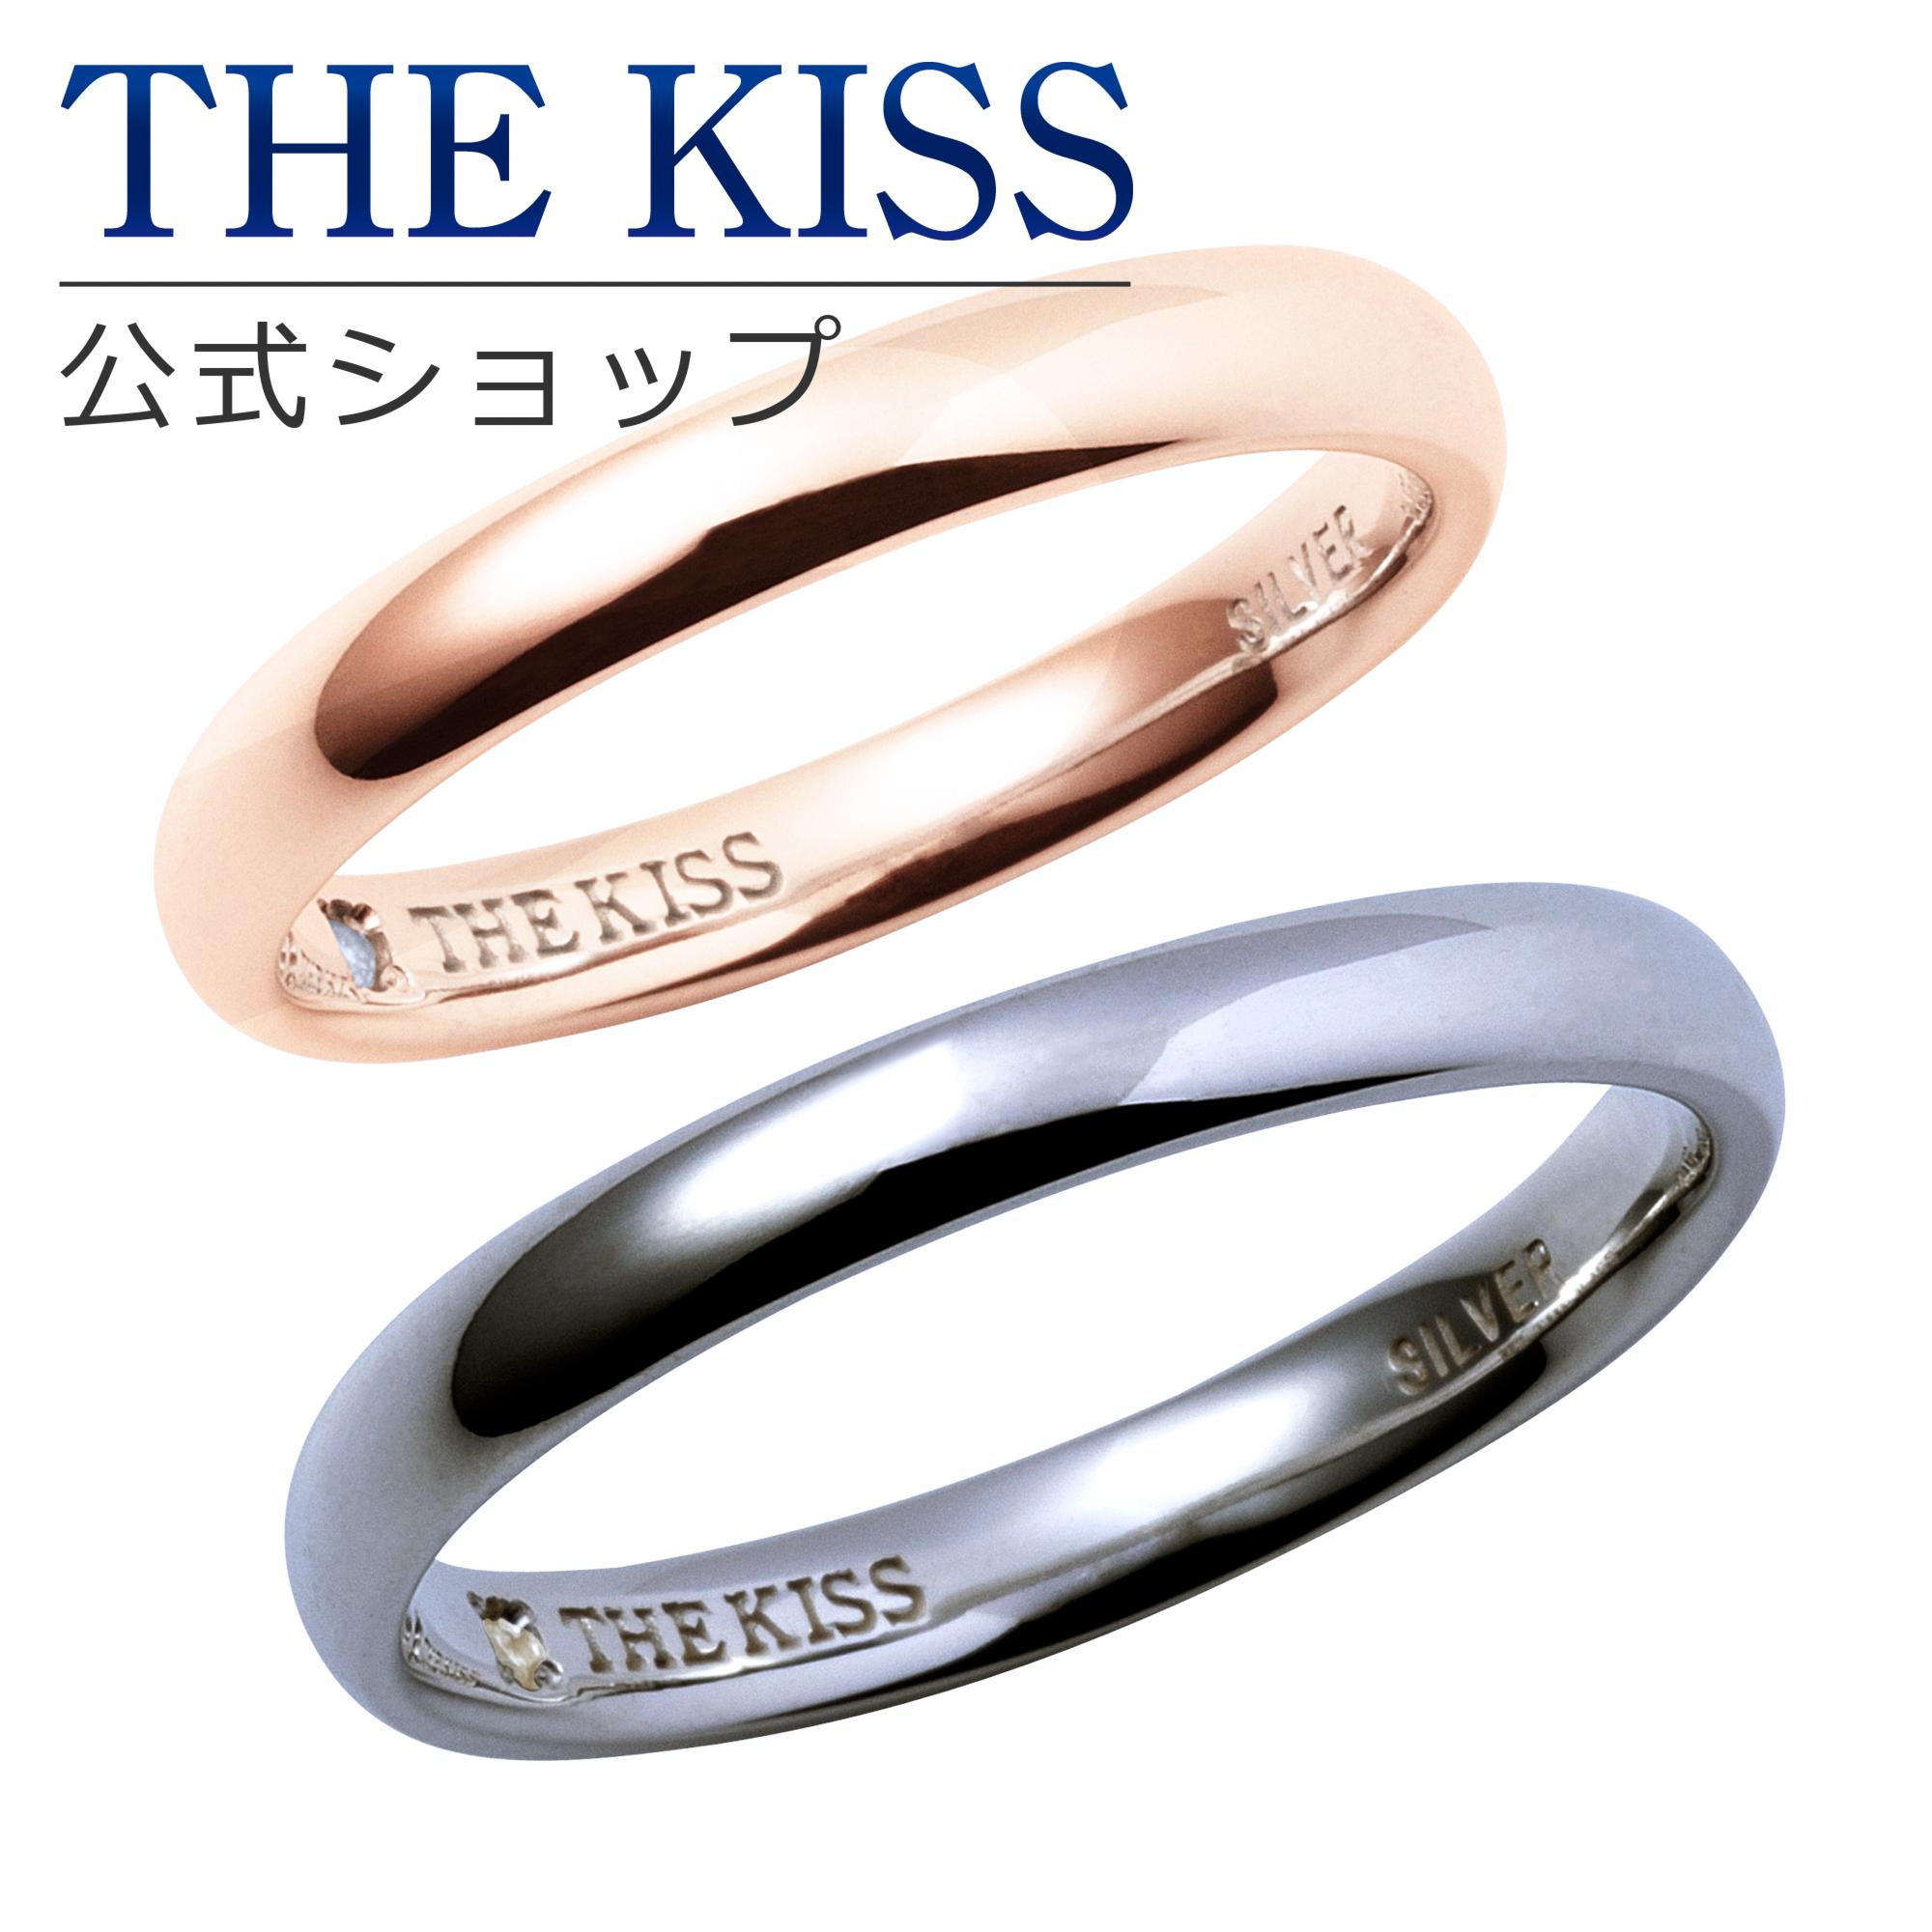 【あす楽対応】THE KISS 公式サイト シルバー ペアリング ダイヤモンド ペアアクセサリー カップル に 人気 の ジュエリーブランド THEKISS ペア リング・指輪 記念日 プレゼント SR1541DM-1542DM セット シンプル ザキス 【送料無料】